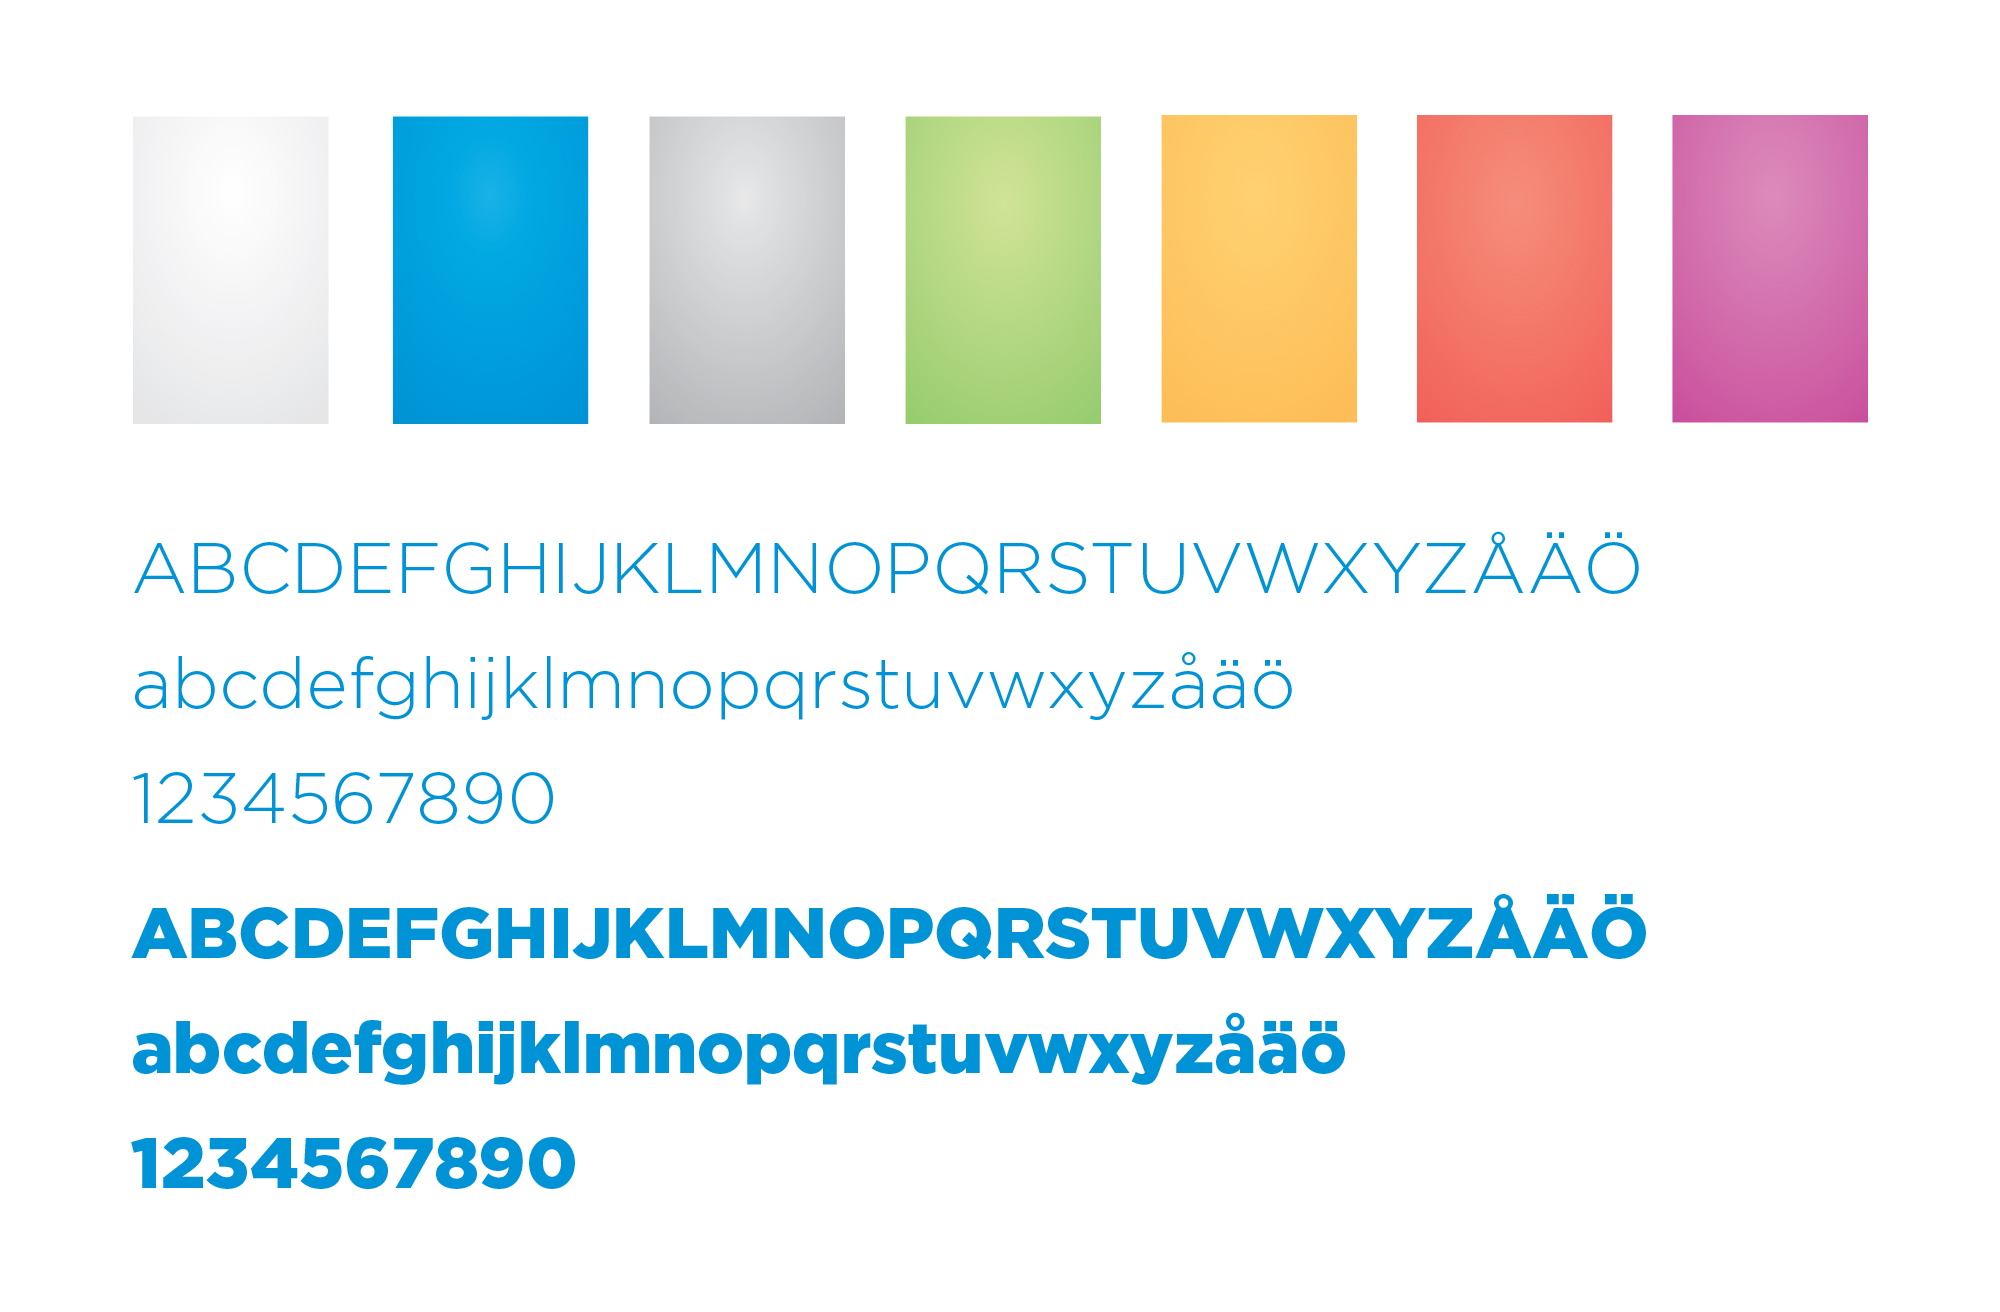 nixu_varit_typografia